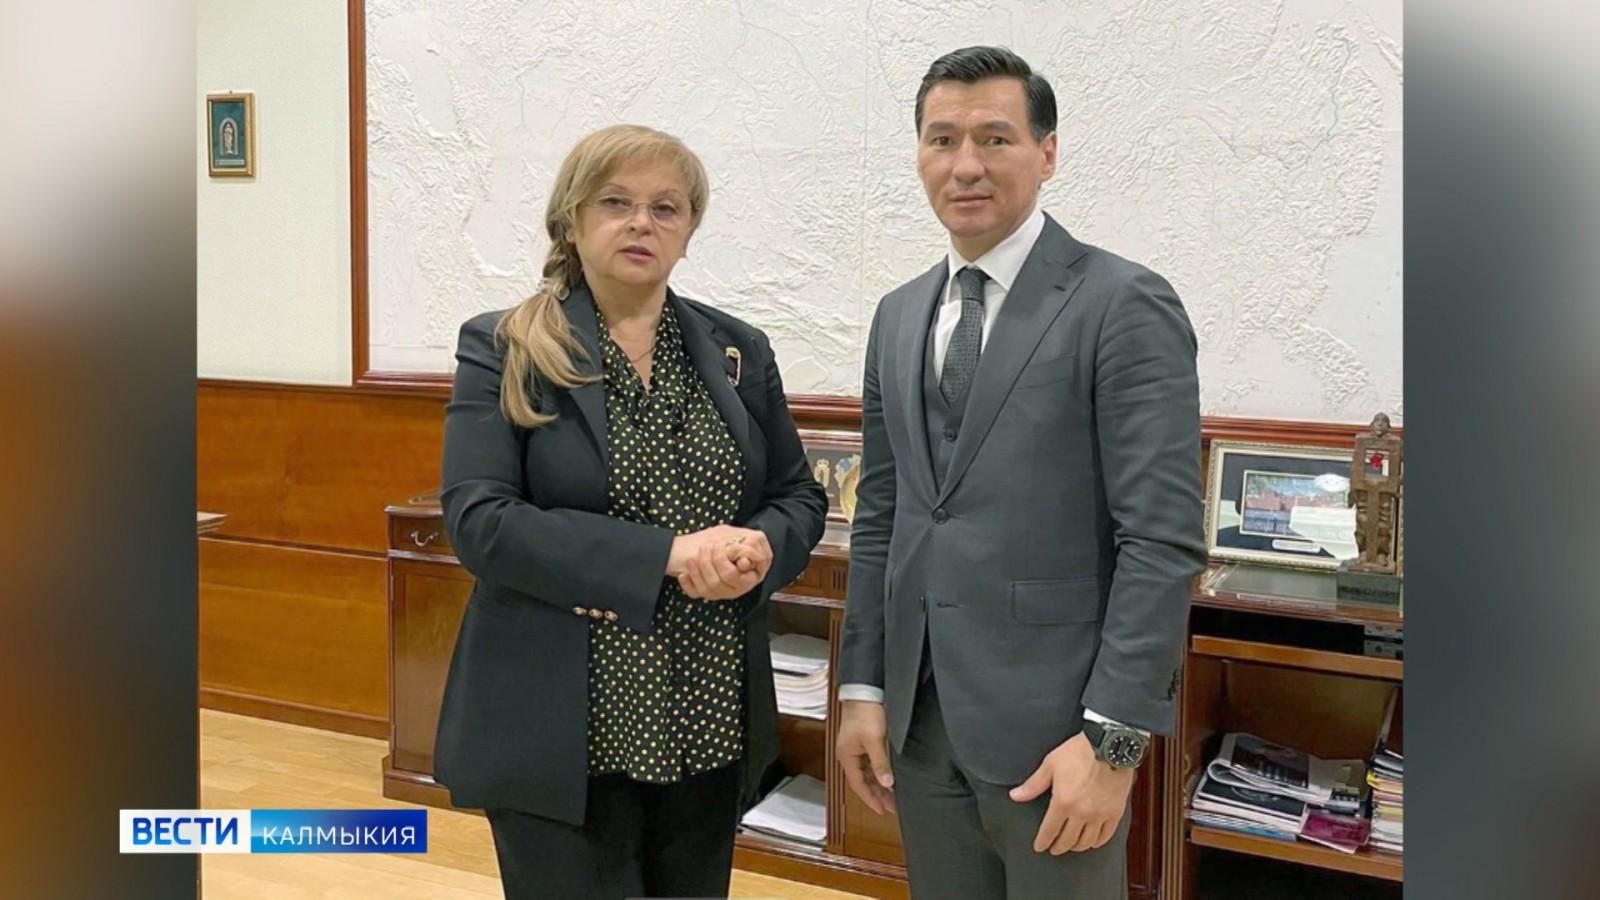 Глава республики обсудил вопросы развития электоральной системы в Калмыкии